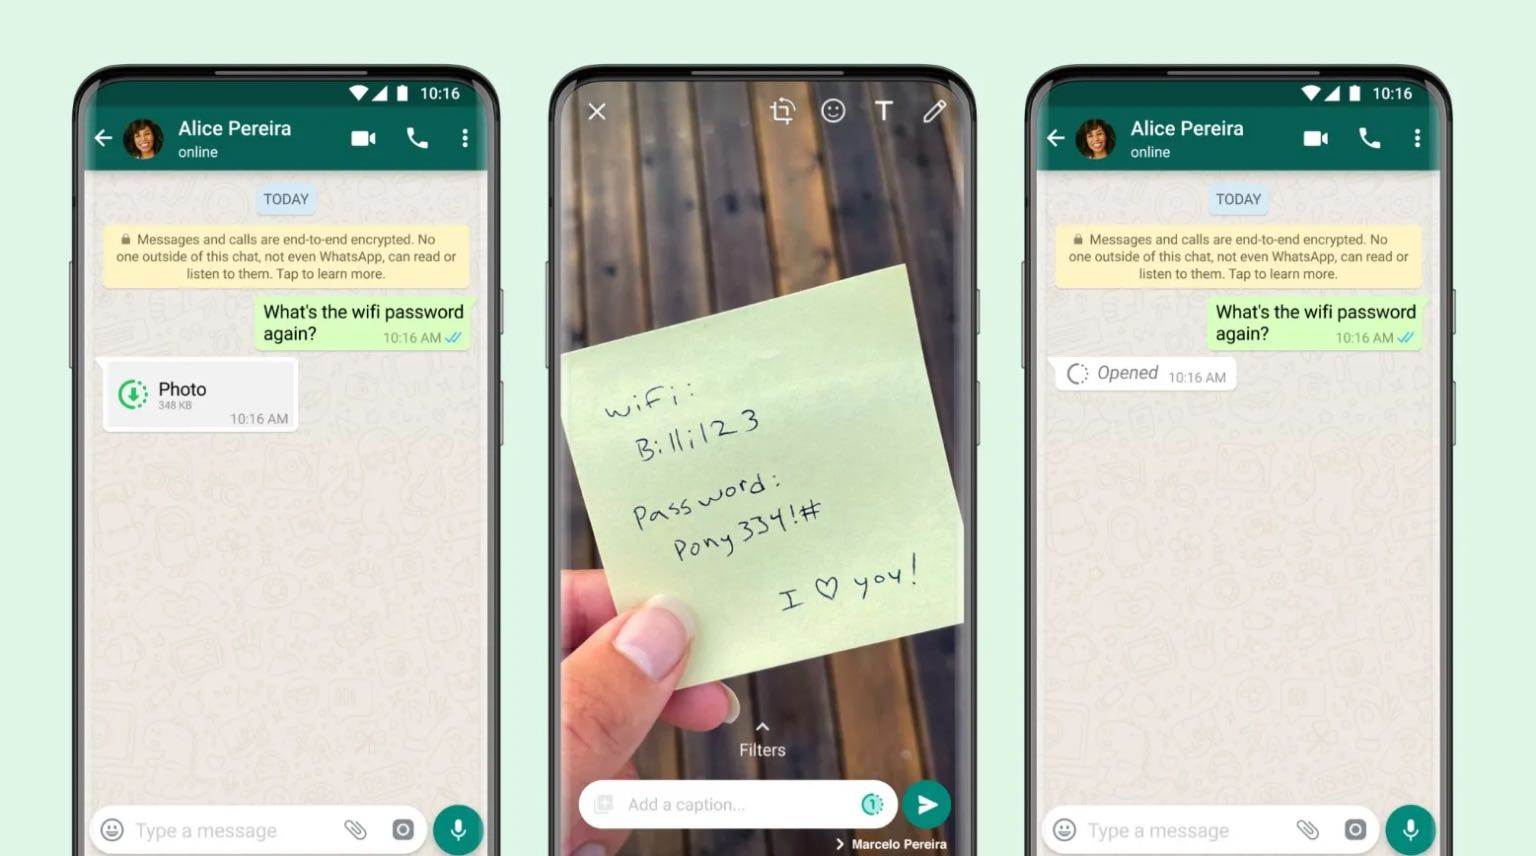 Uwaga! WhatsApp czyta wiadomości użytkowników! ciekawostki whatsapp czyta widomosci uzytkownikow, WhatsApp, Facebook, czy whatsapp jest bezpieczny, bezpieczeństwo  Dziennikarze zasobu ProPublica dostali tajne dokumenty opisujące mechanizm odszyfrowywania wiadomości WhatsApp. Dzieje się tak tylko wtedy, gdy składana jest skarga na użytkowników.  whatsapp 1